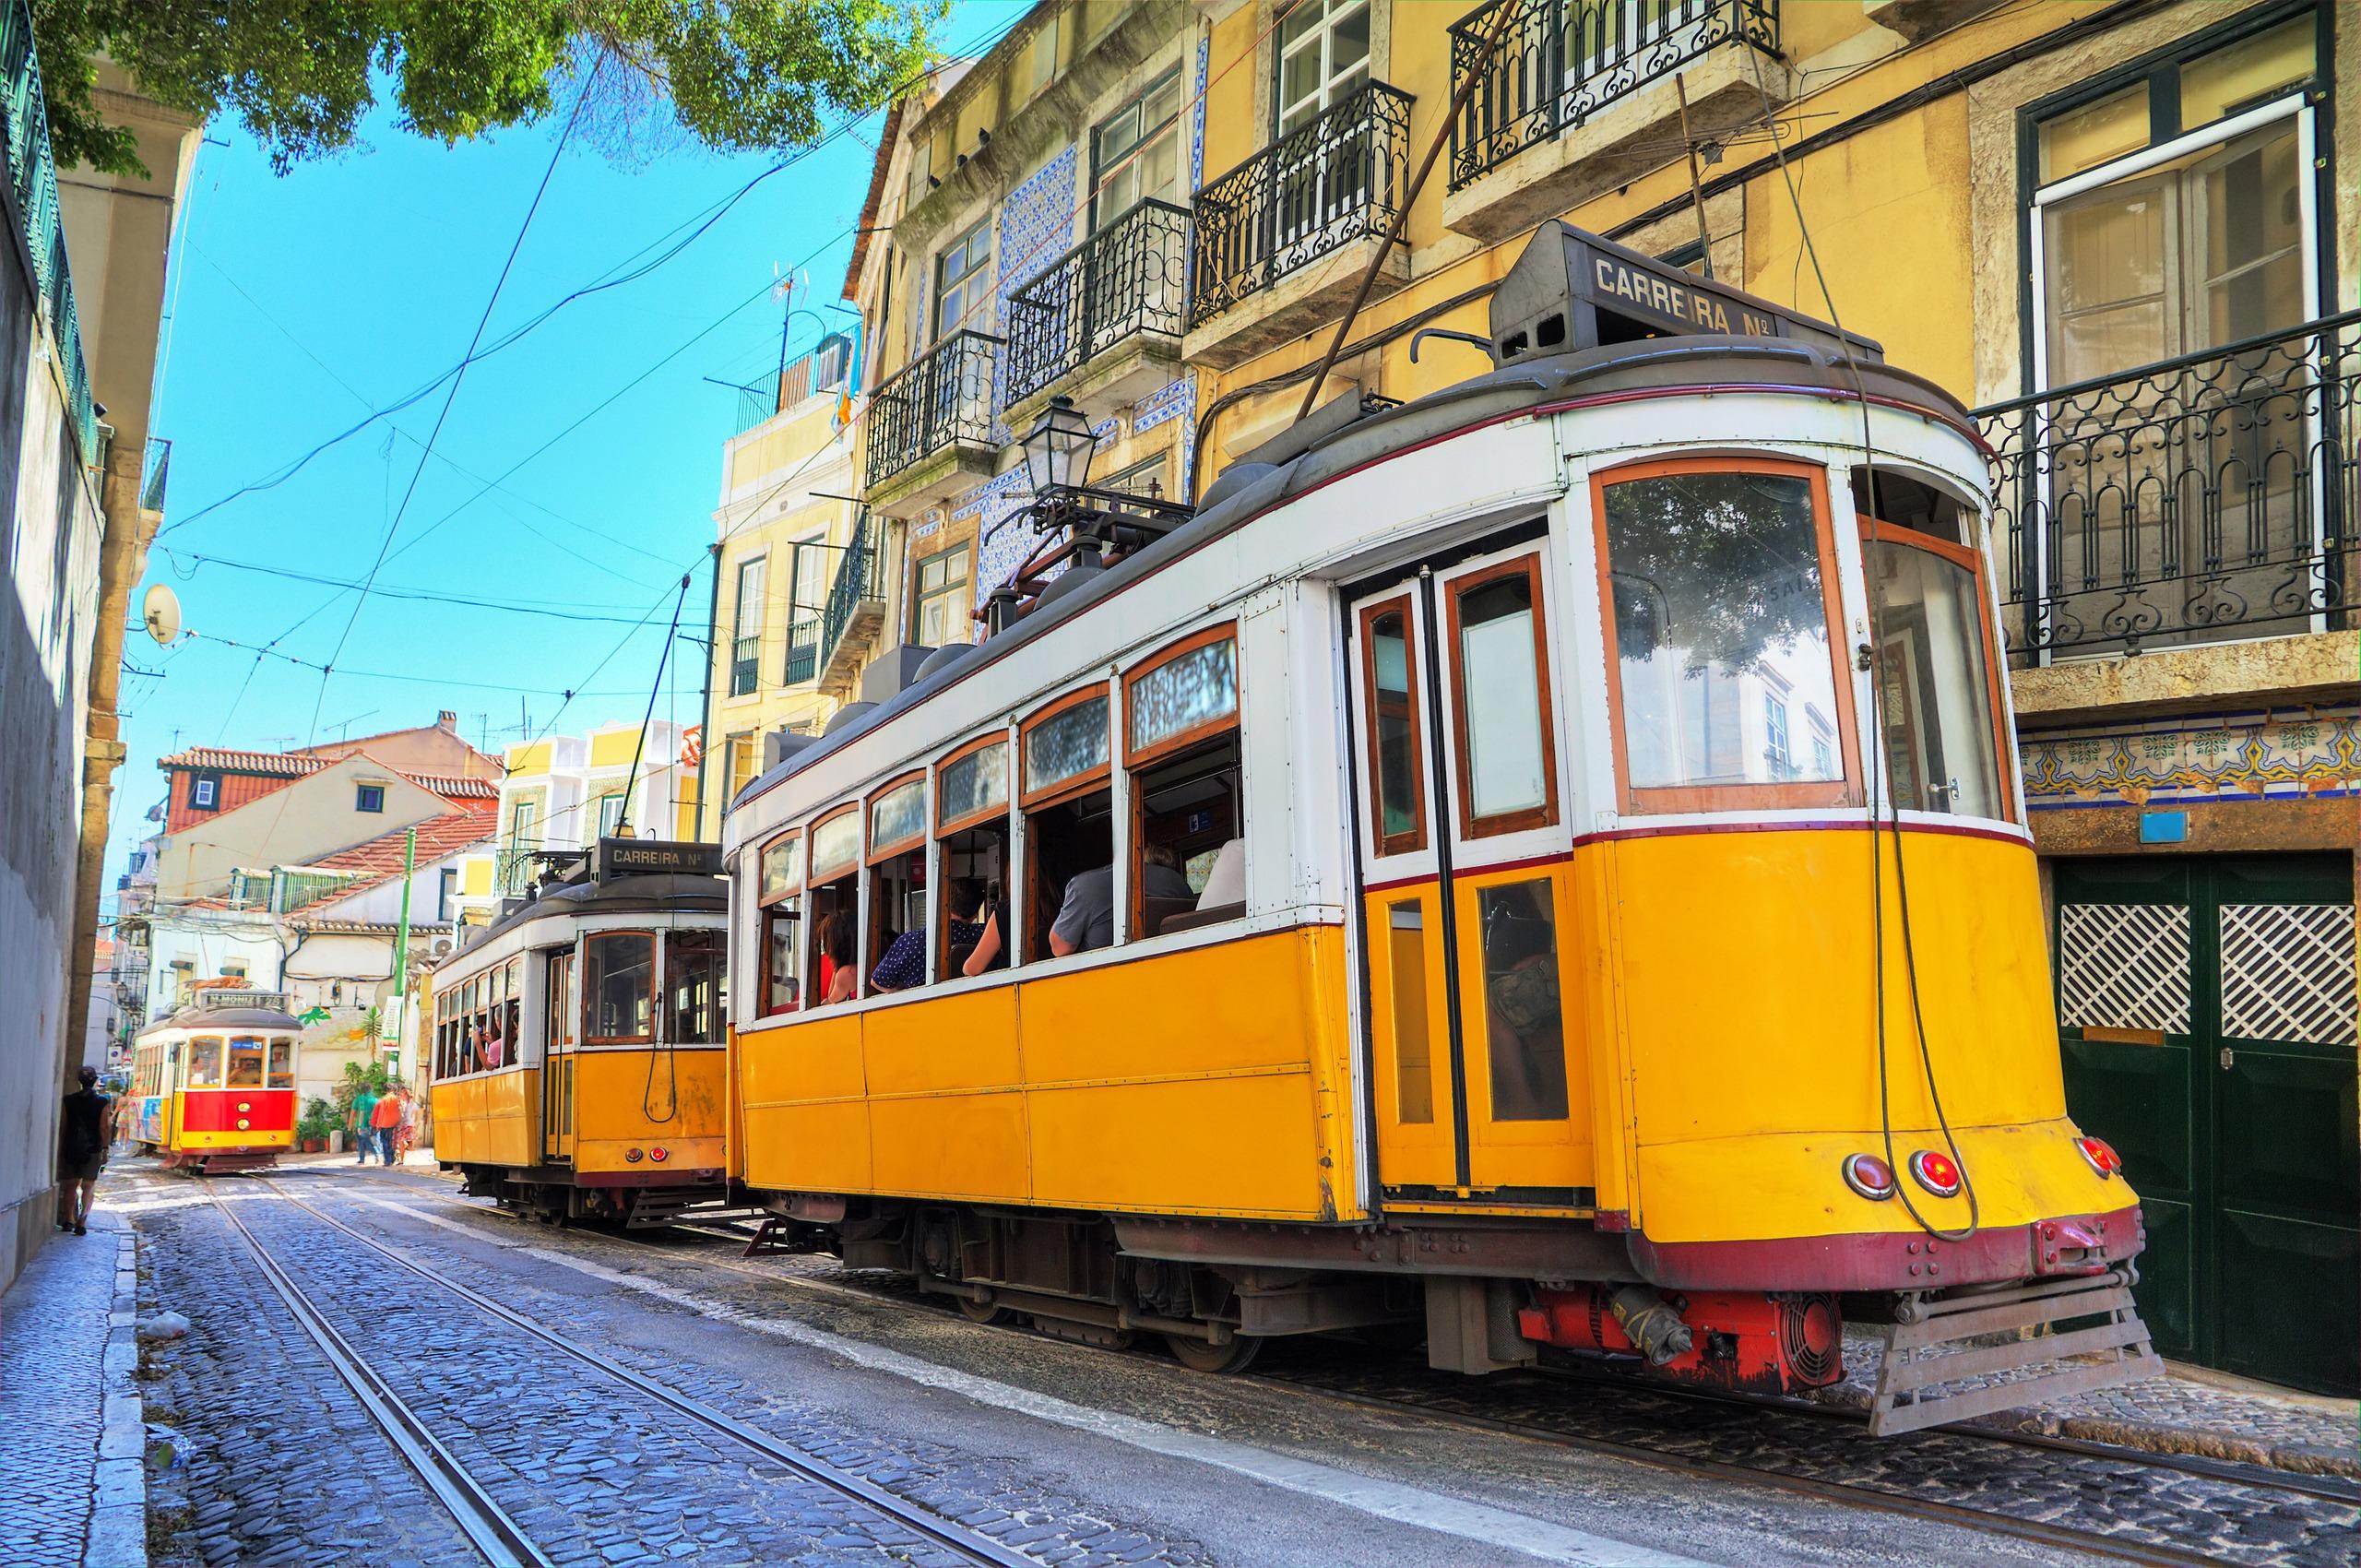 Schoolreis Lissabon